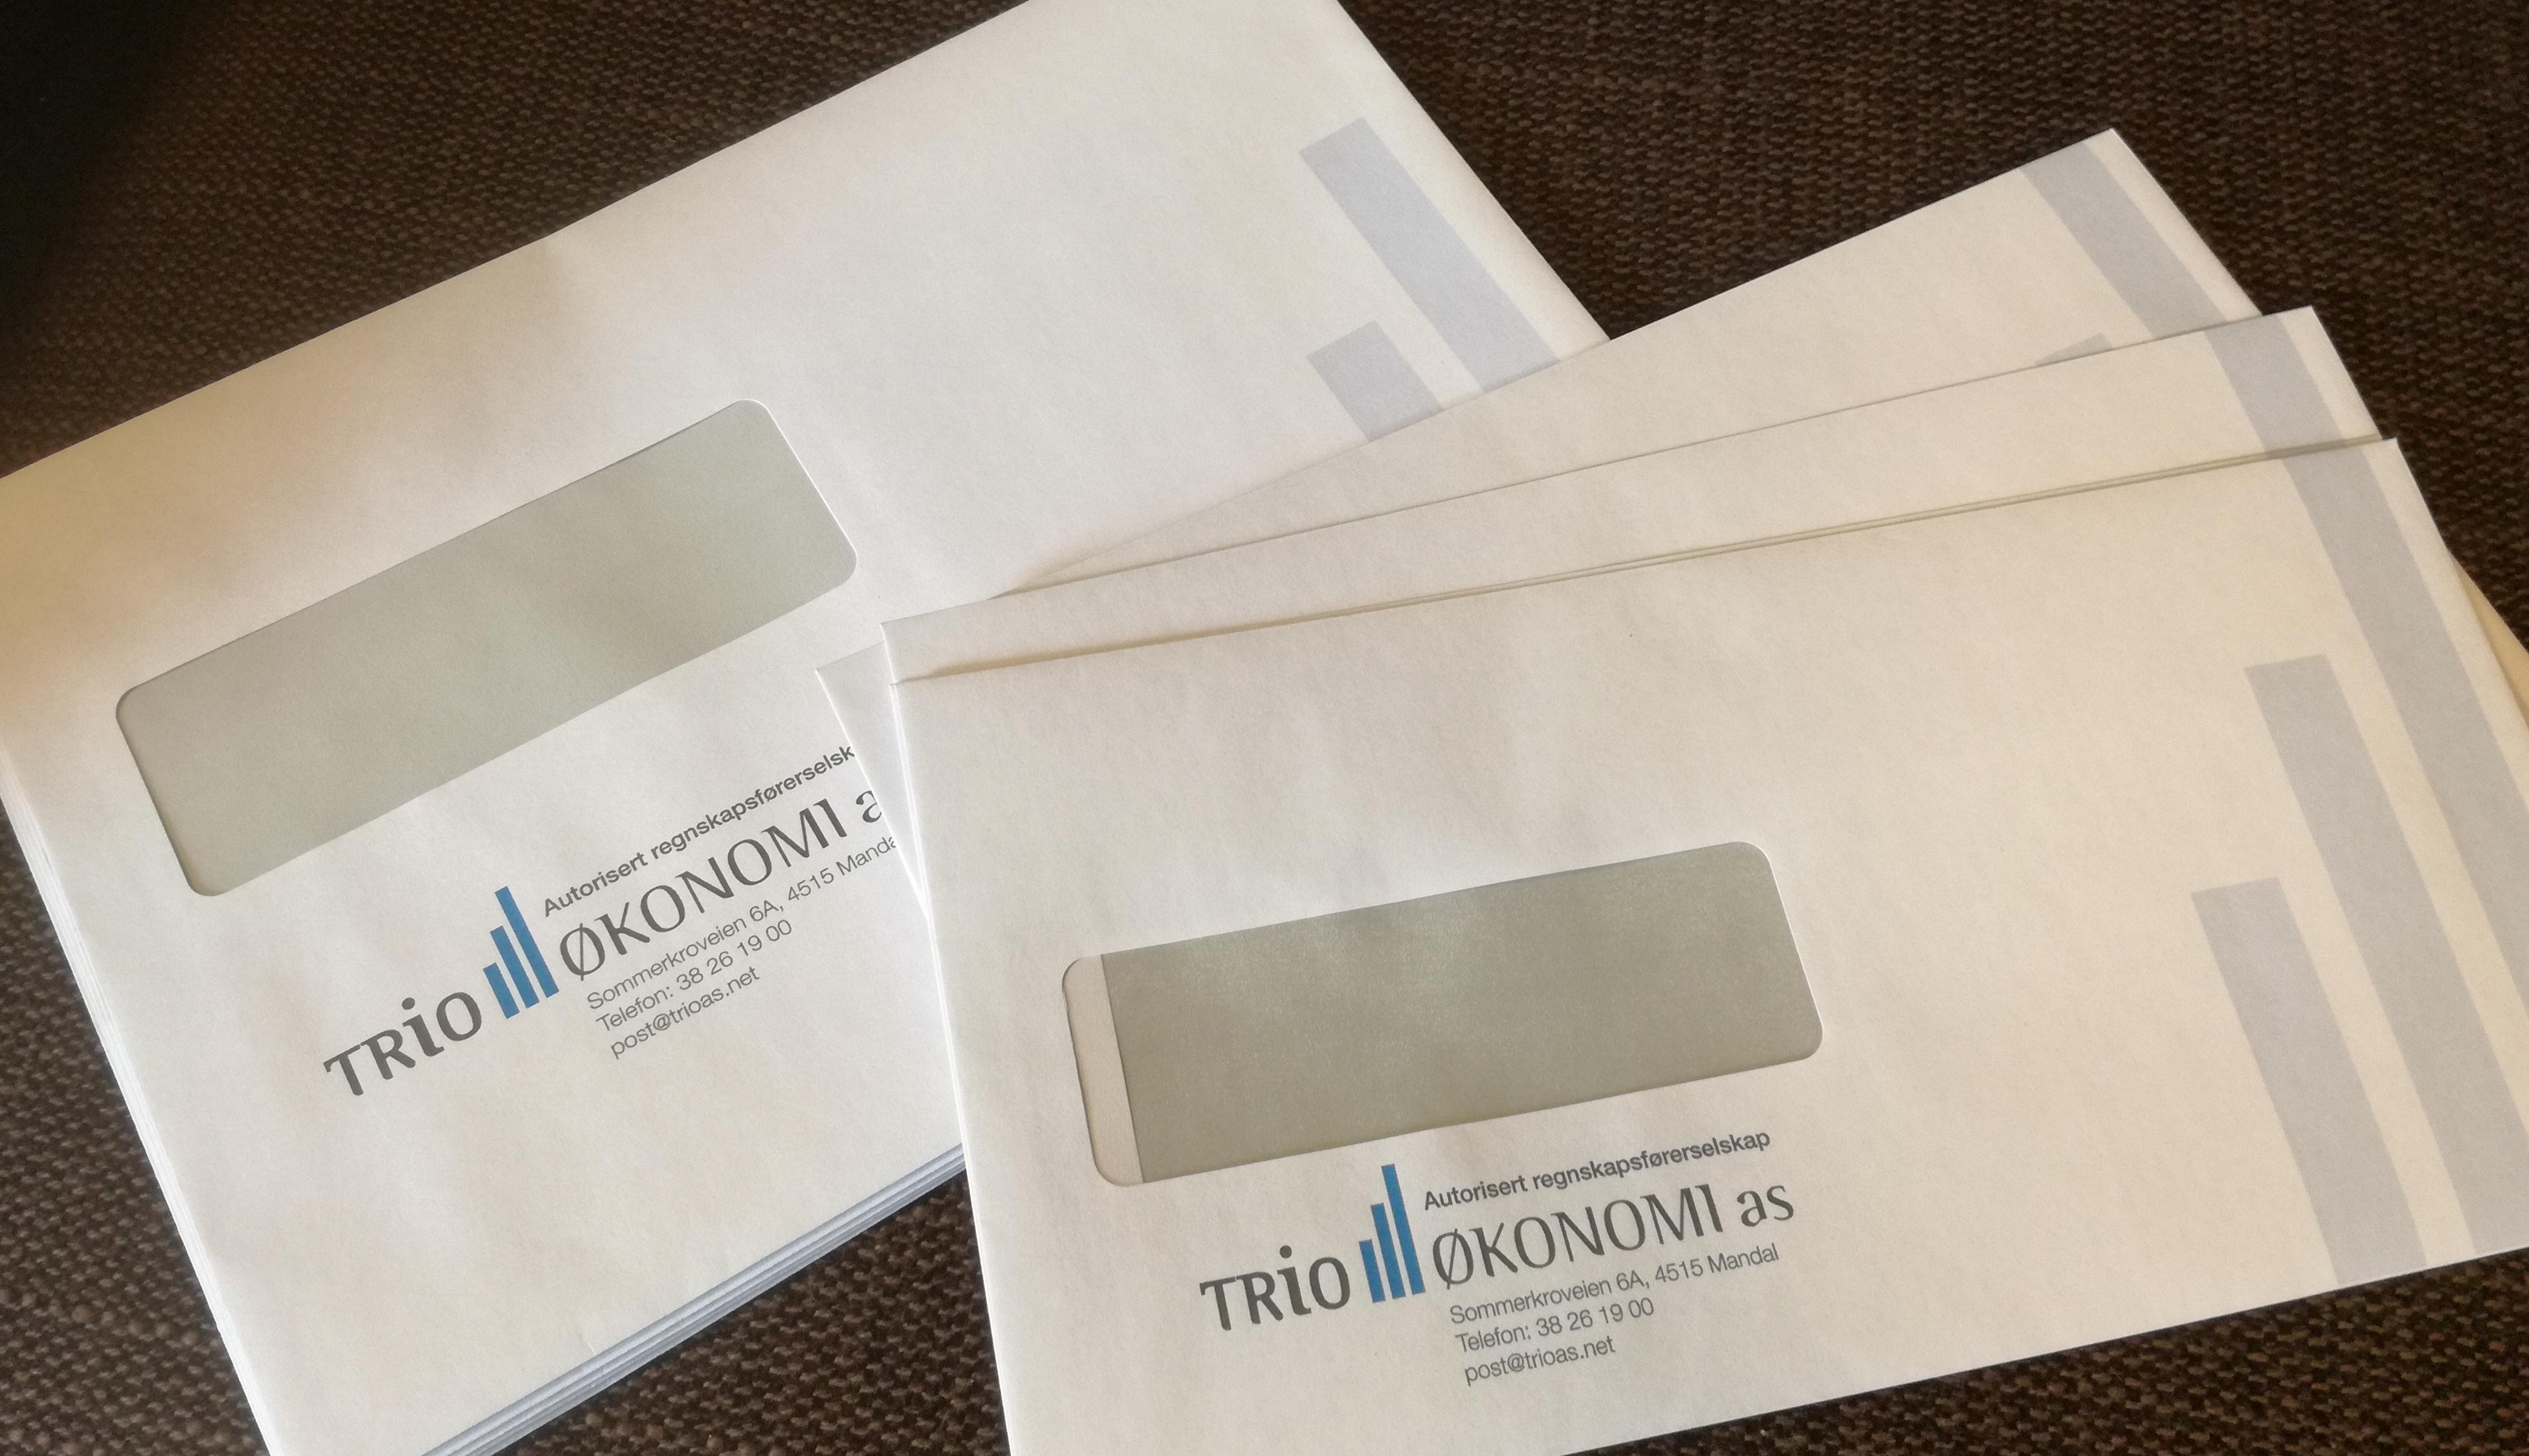 Trio Økonomi Konvolutter 2017